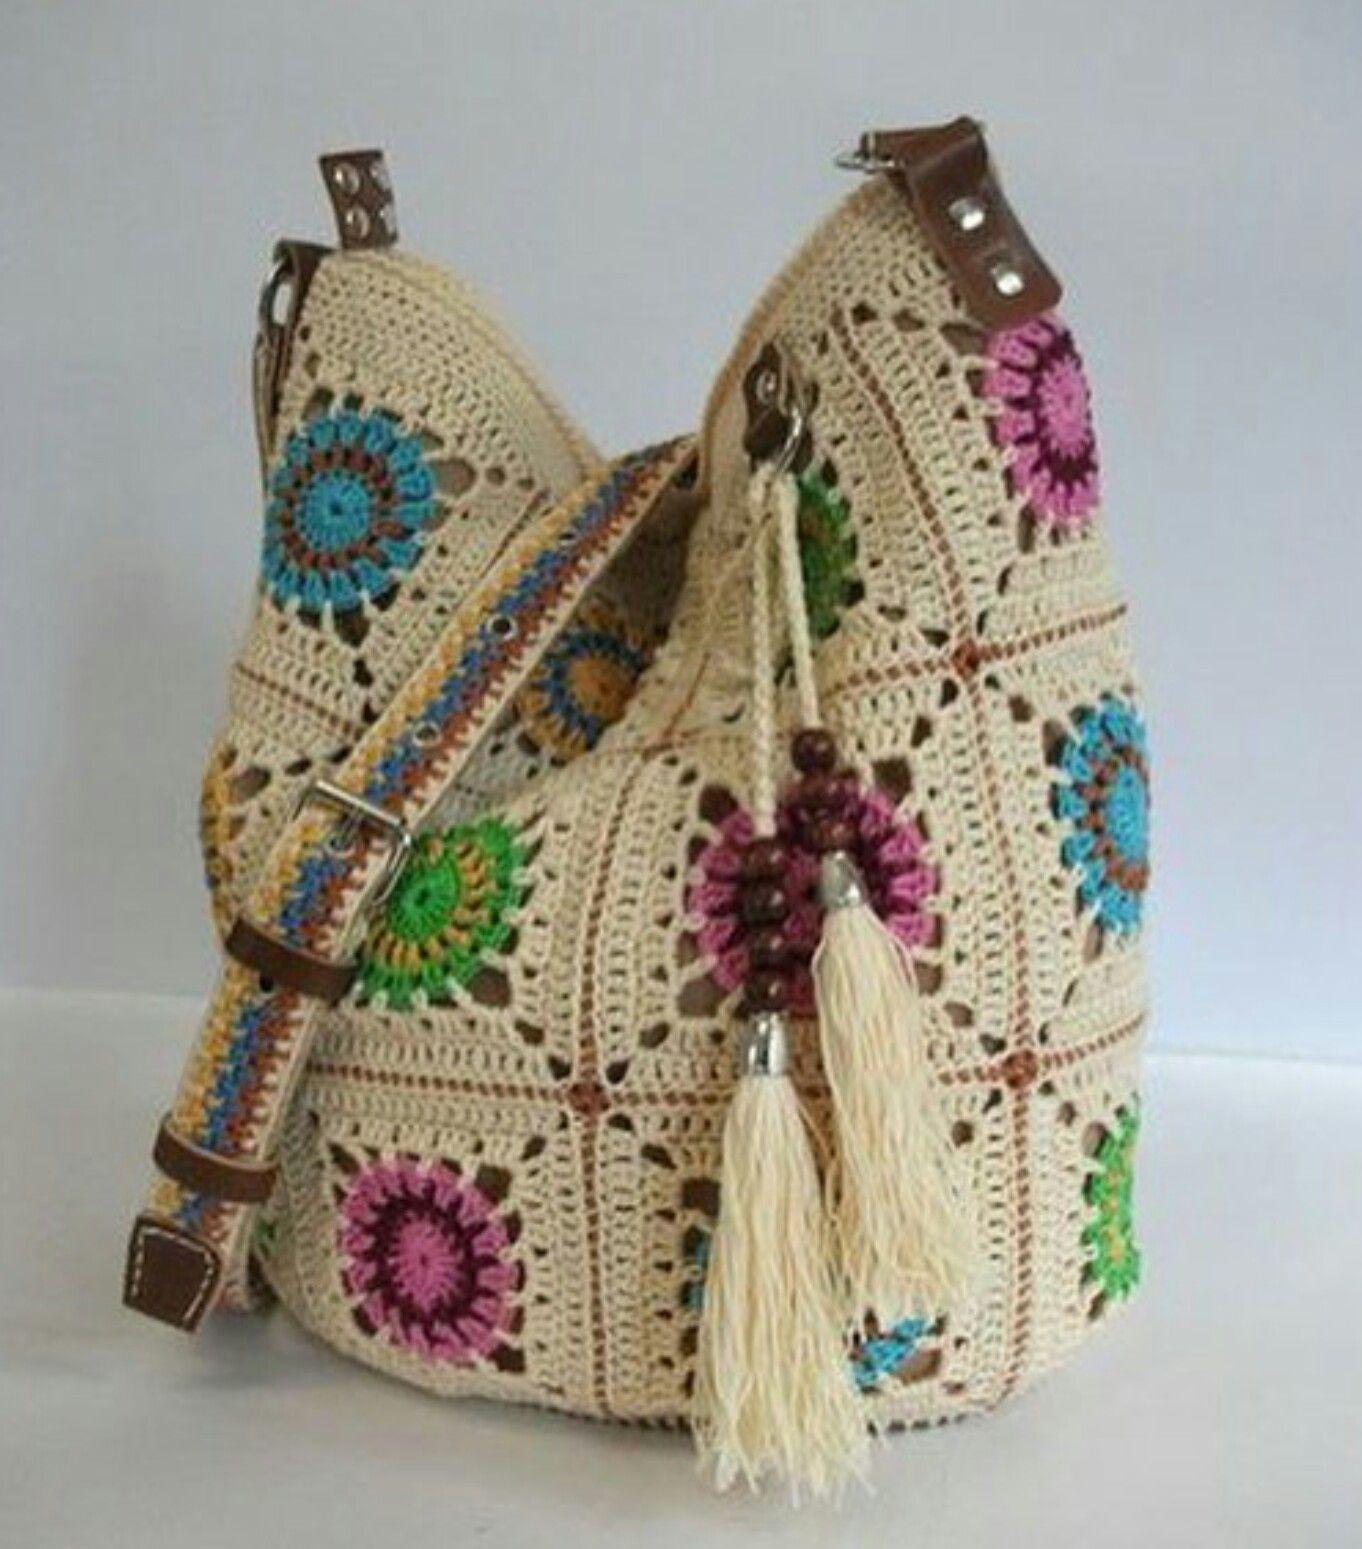 cad76c74c590f Örgü, çanta, motif | tığ işi | El çantaları, Dikiş, Örme çantalar